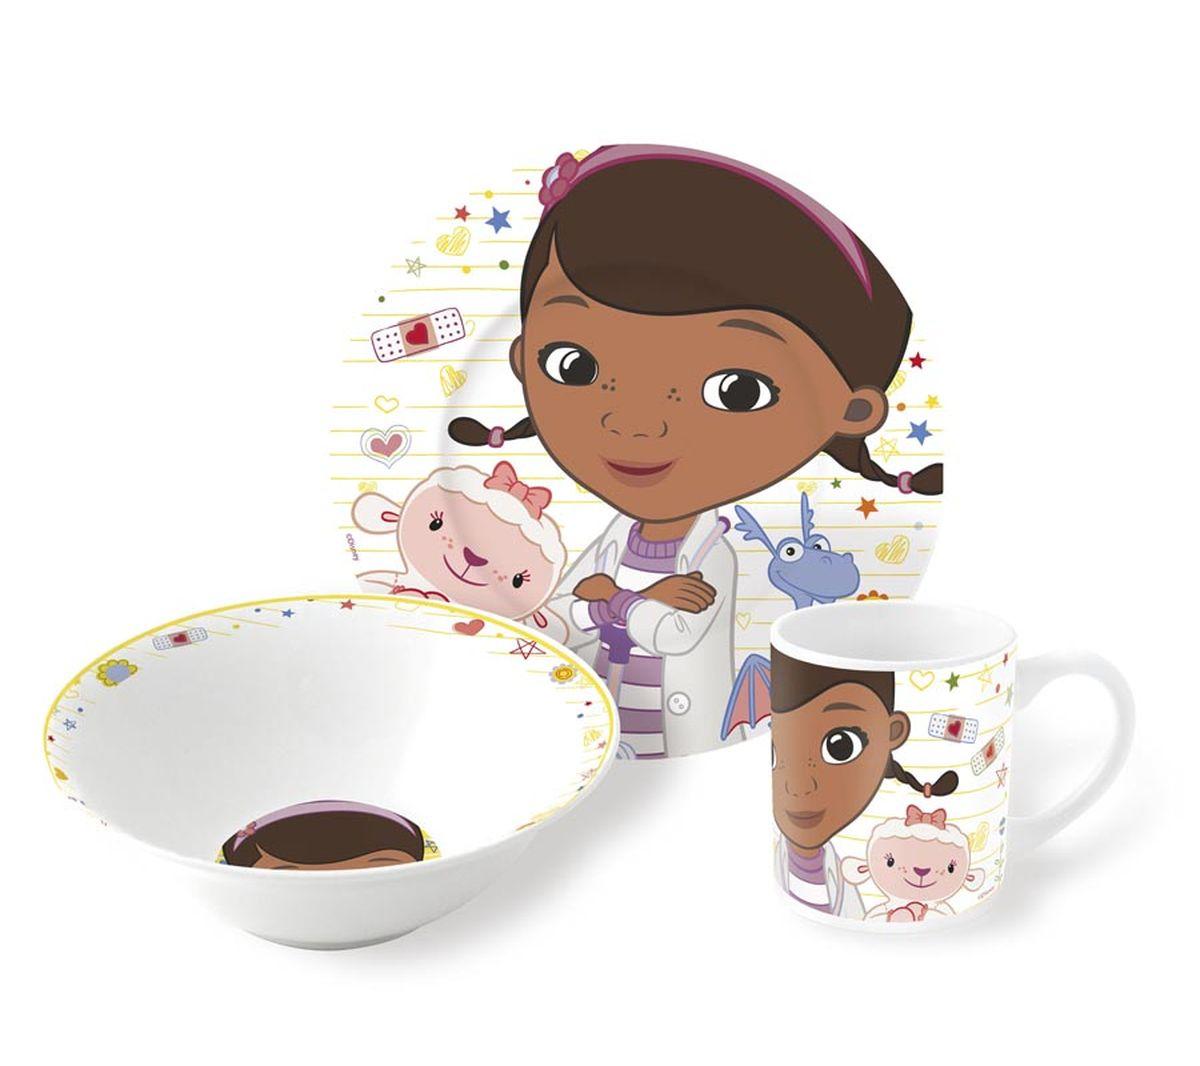 Disney Набор детской посуды Доктор Плюшева 3 предмета78665Набор детской посуды Disney Доктор Плюшева состоит из трех предметов: тарелки, миски и кружки. Изделия выполнены из керамики и оформлены изображениями любимой героини.В наборе есть все необходимое для завтраков, обедов и ужинов. Миска идеальна для супа или каши, а тарелка подойдет абсолютно для любых блюд: горячего или десерта. Яркий красочный дизайн привлечет внимание ребенка и сделает прием пищи веселым занятием. Идеальный по составу набор для всех блюд детям дошкольного возраста.